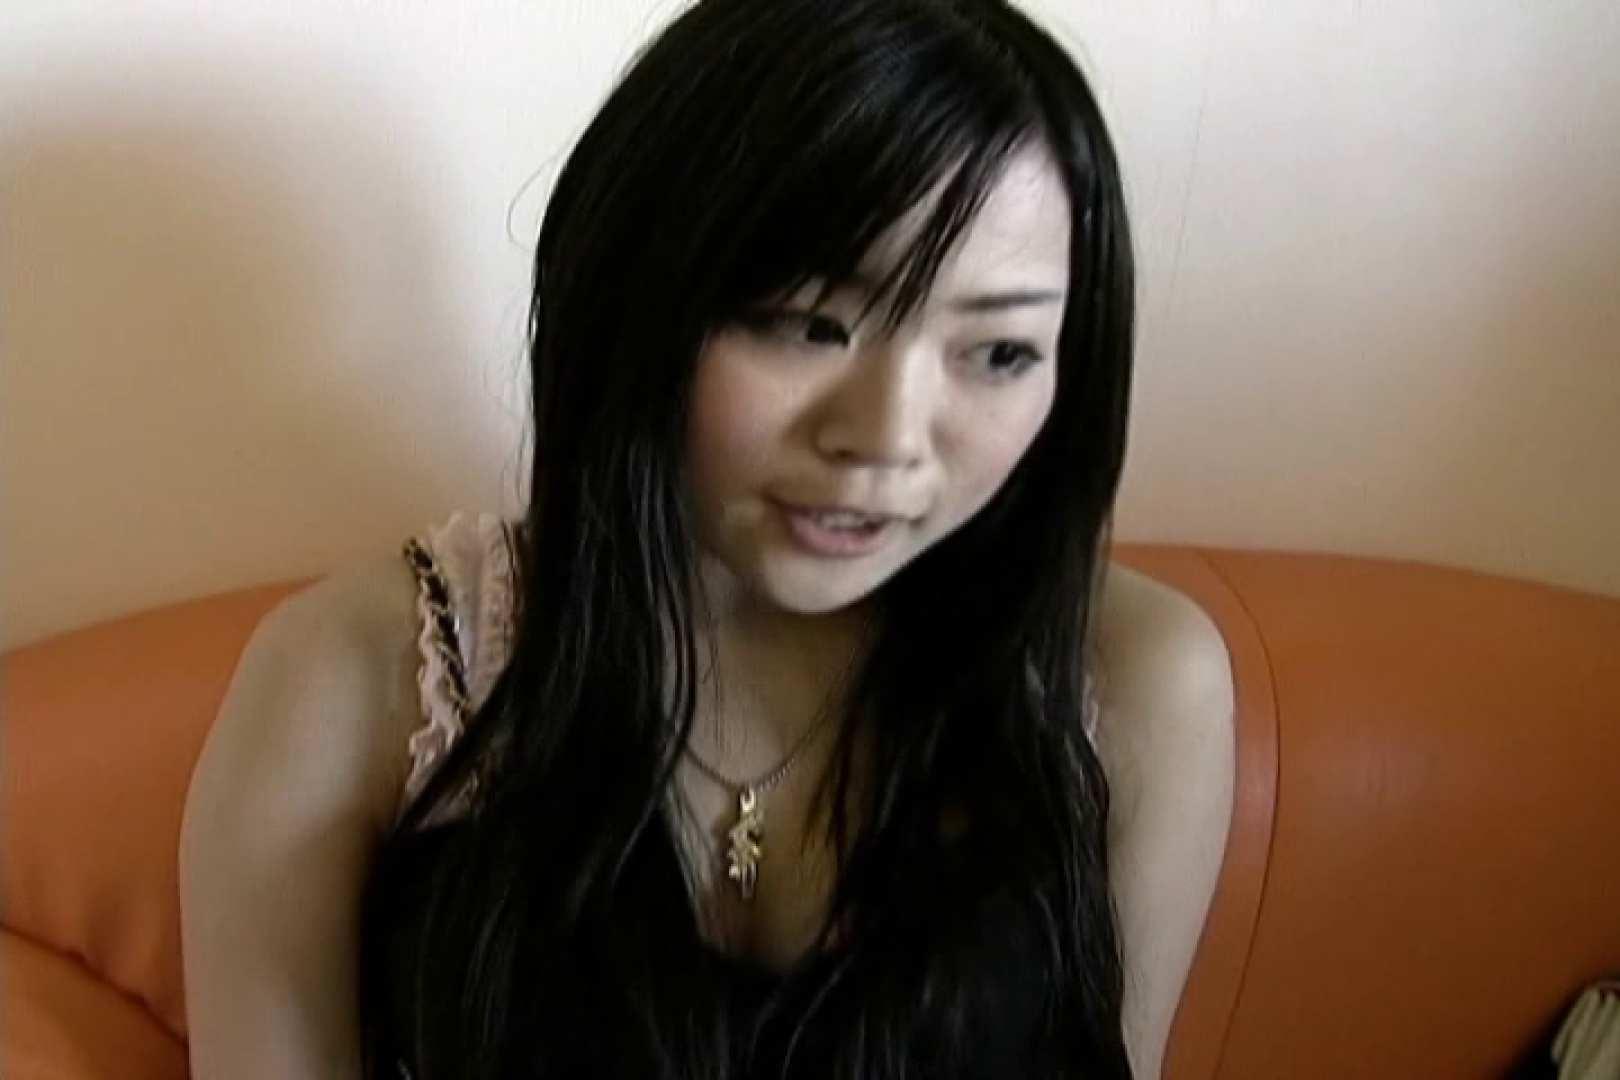 素人ナンパ本番撮り!出会い系でGET!Vol.03 素人達のヌード   ナンパ  95連発 4